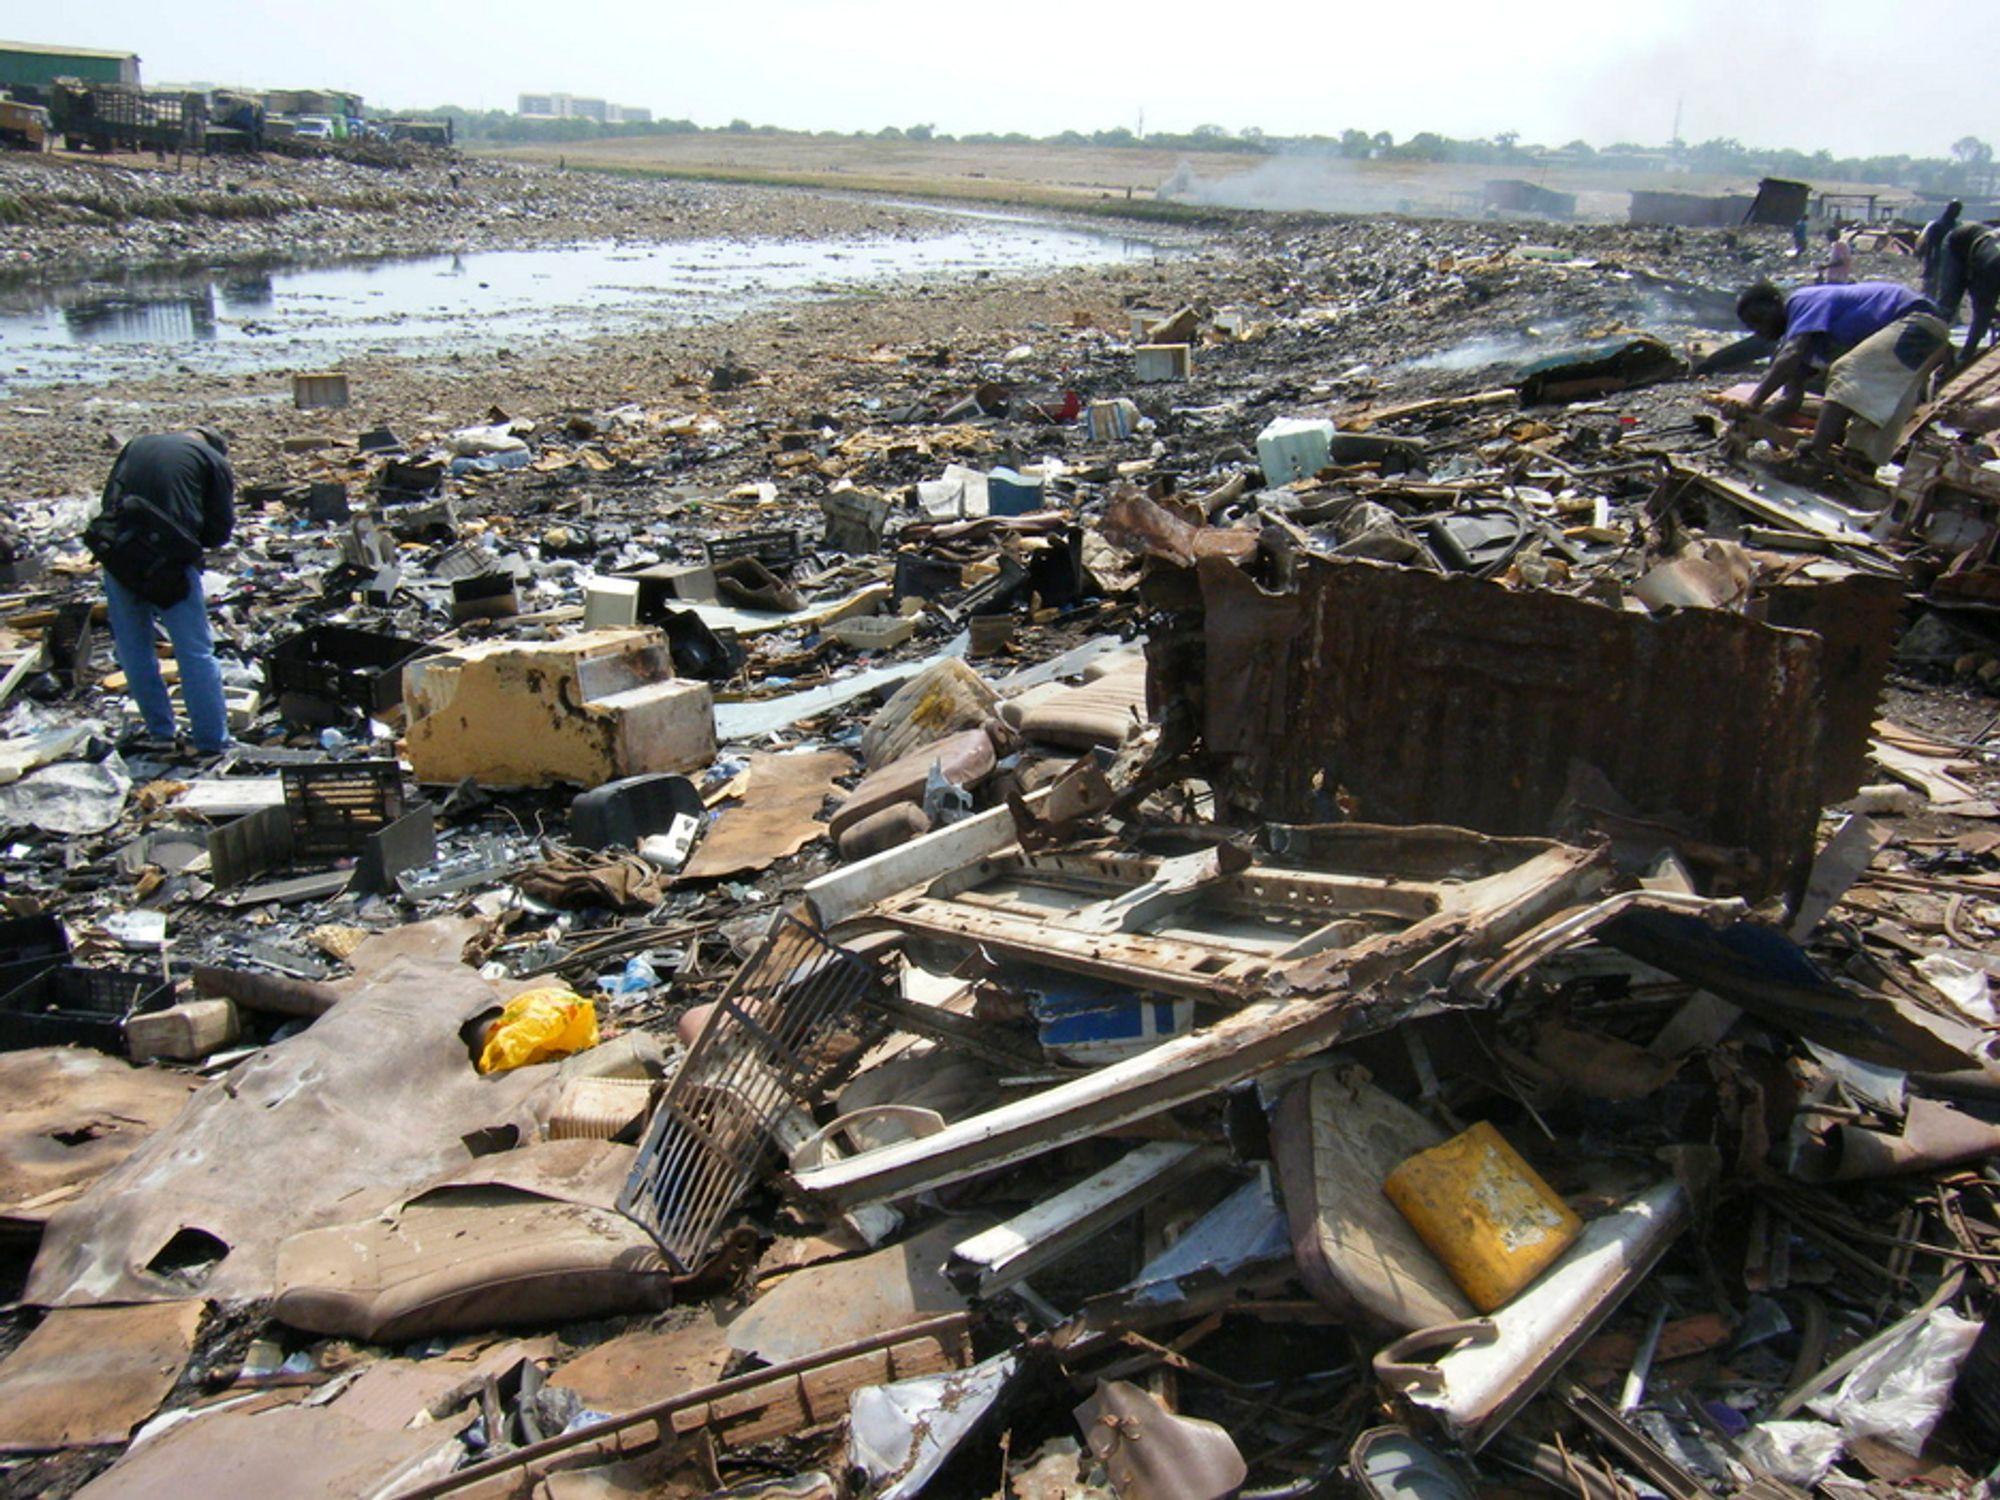 SKADELIG: På fyllplasser som dette i Agbobloshie i Ghana finnes det mye avfall som inneholder kjemikalier. Mange av disse kjemikaliene lekker direkte ut i naturen og utgjør dermed en fare for lokalbefolkningen. Riksrevisjonen mener kontrollen på slikt avfall er for dårlig.